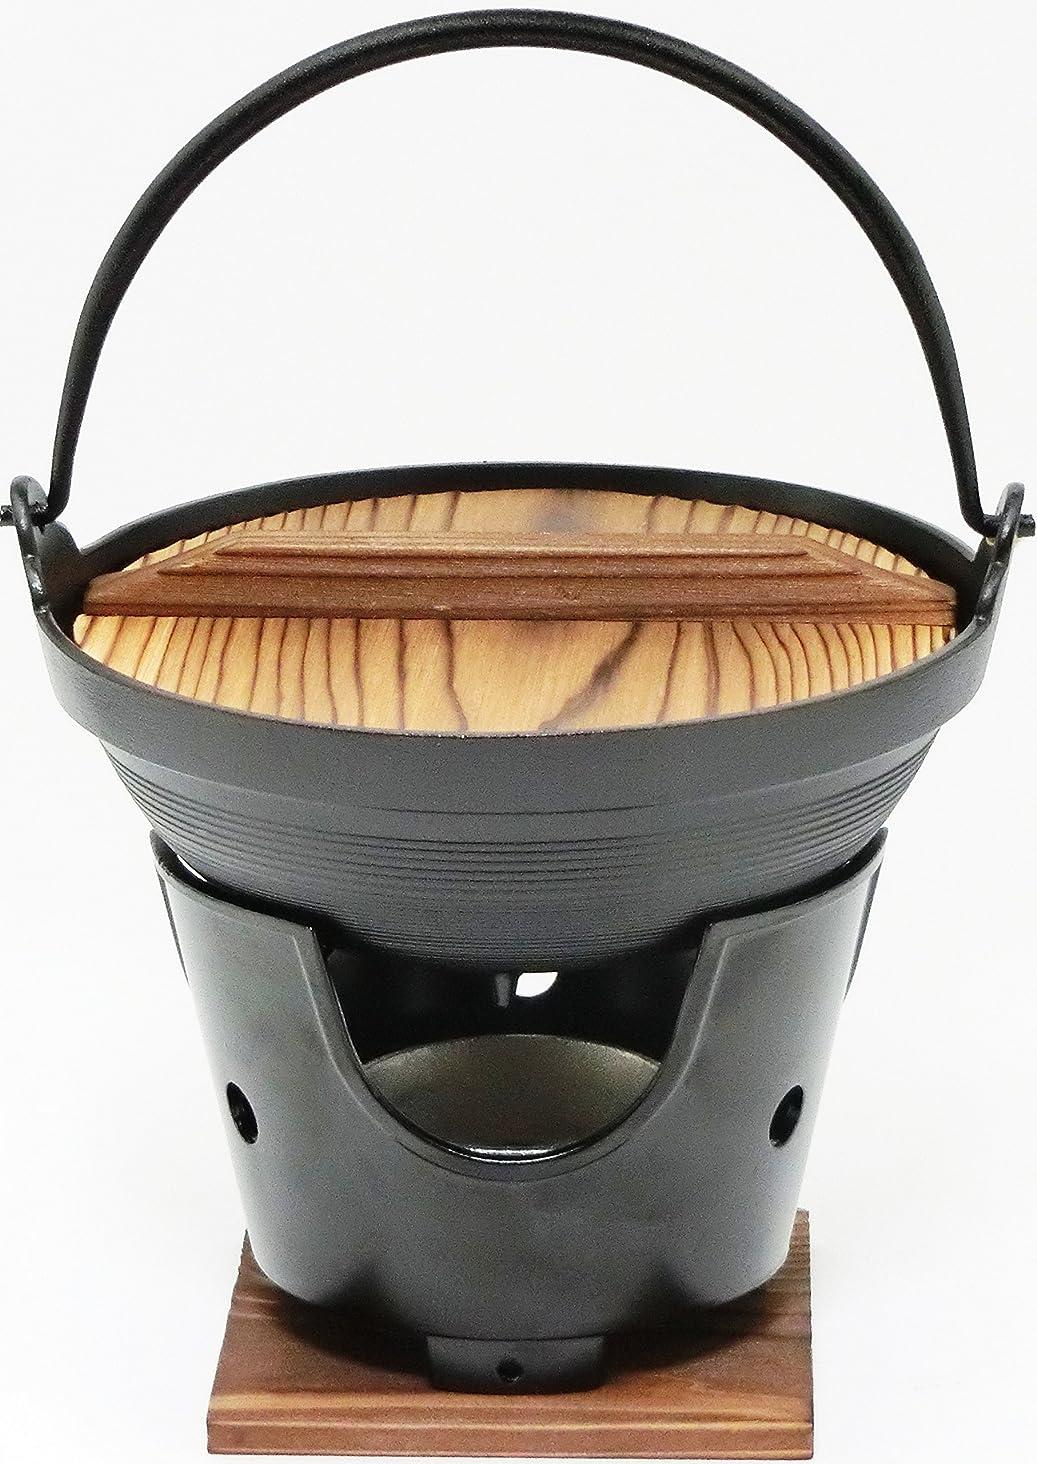 告白瞑想する標準【 国産 】 ご家庭でも楽しめる プロ仕様 懐石 匠の技 いろり 鍋 18cm コンロ 火皿 付 セット ( 固形燃料 使用 タイプ)